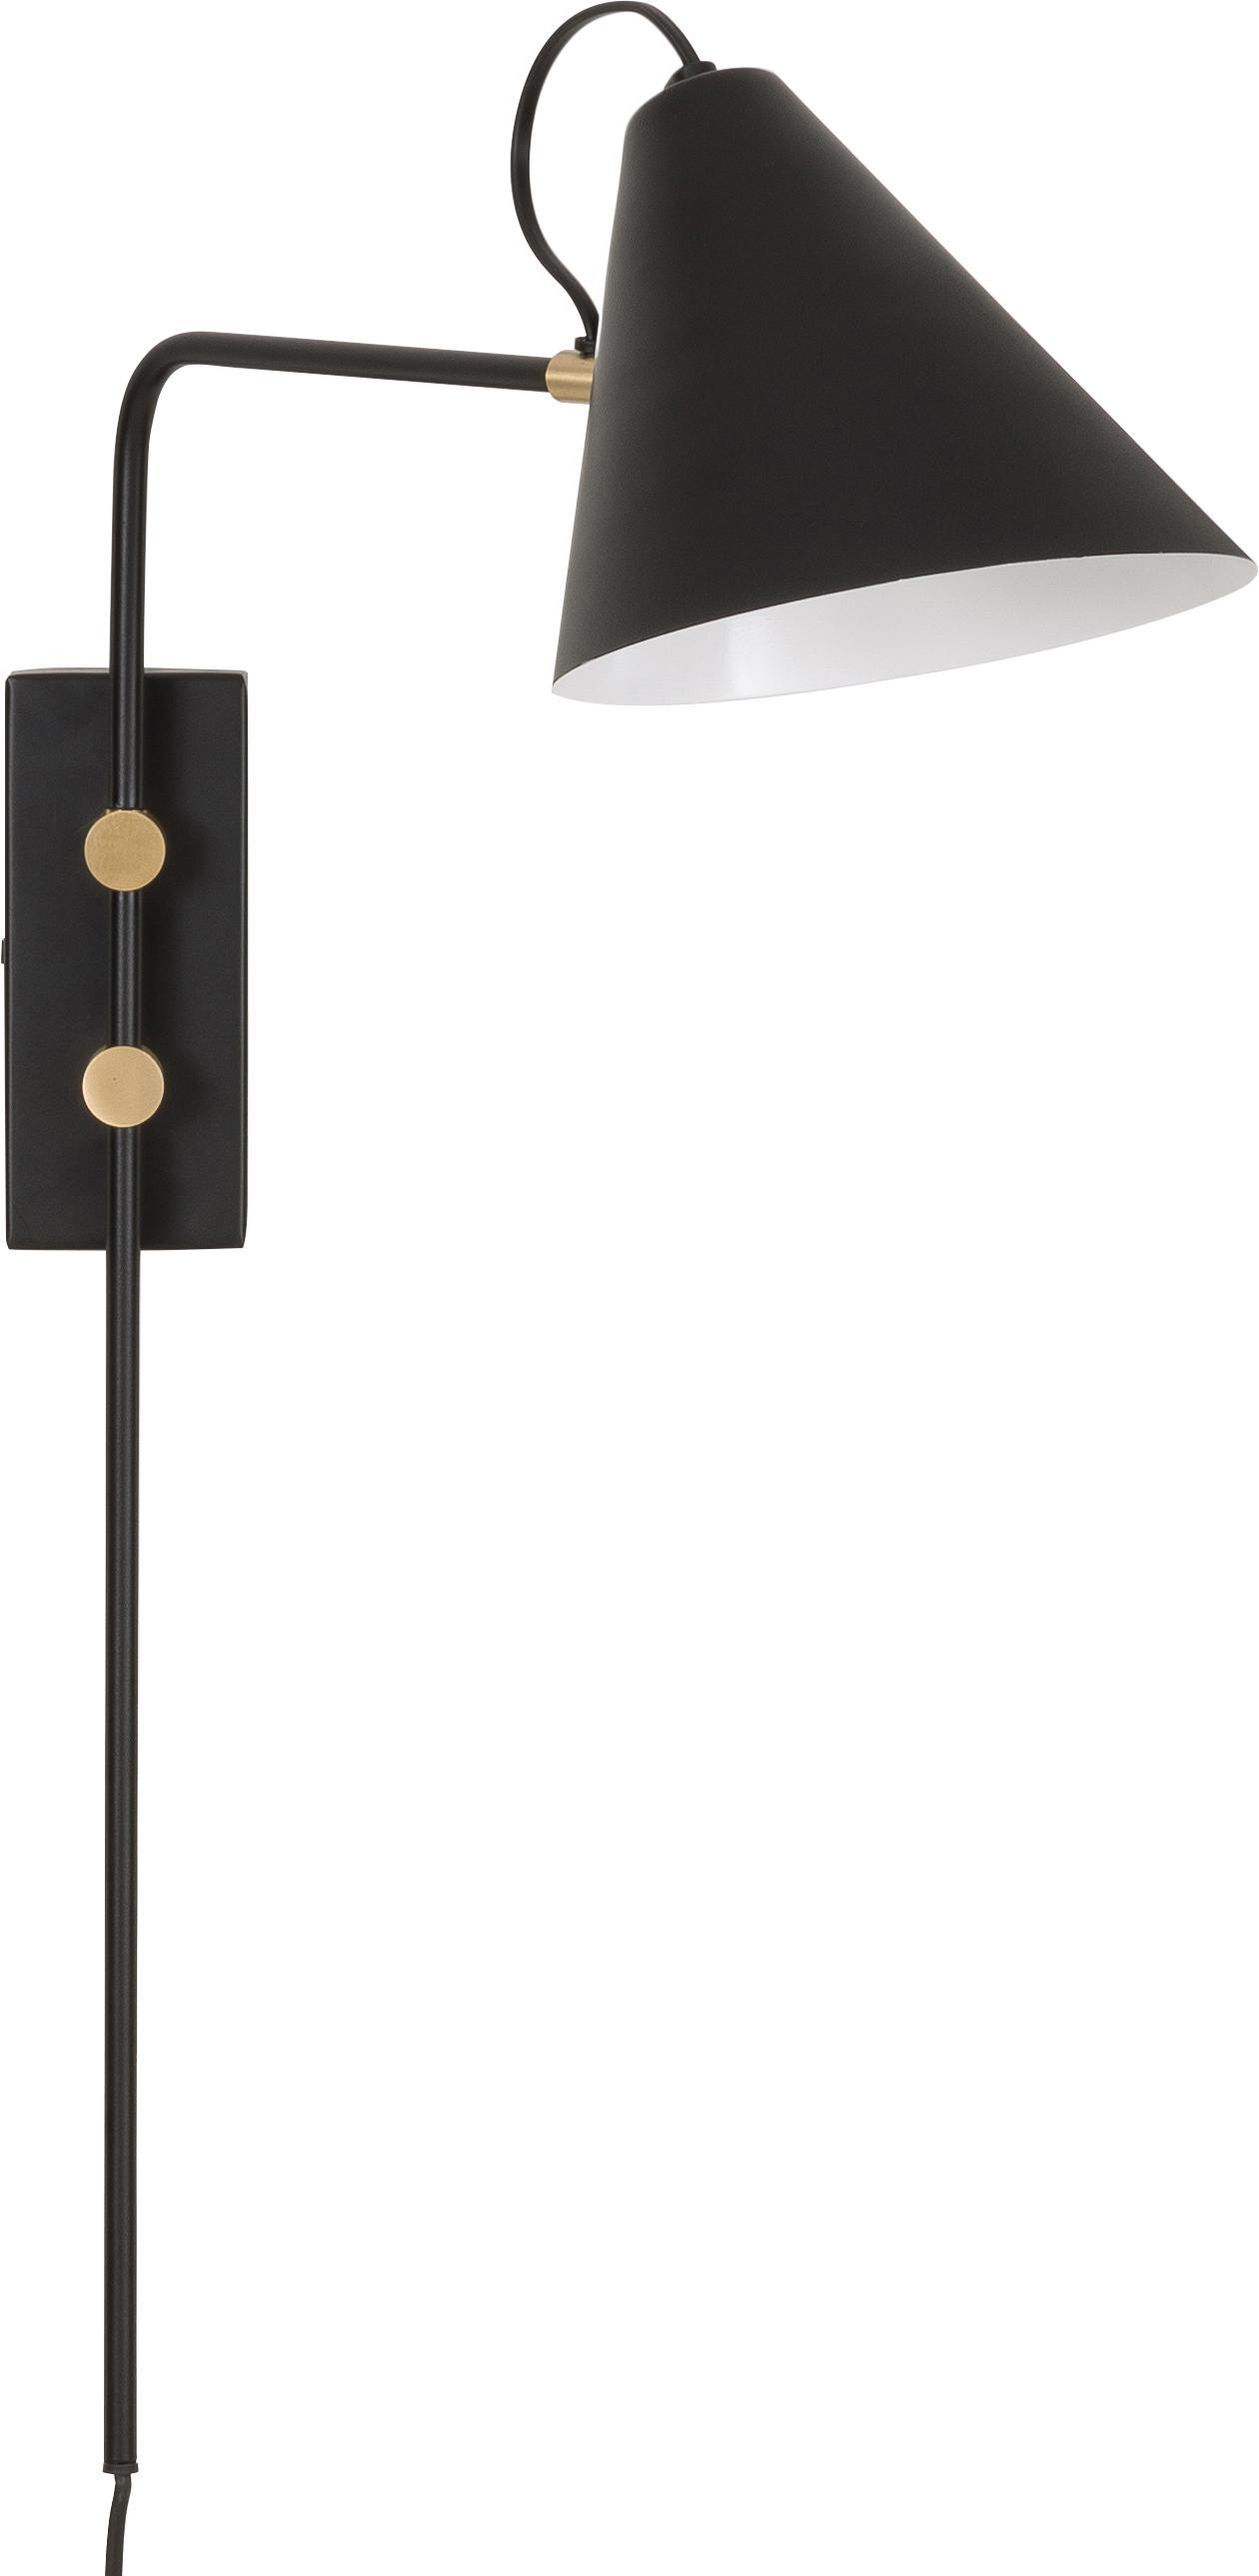 Aplique Club, con enchufe, Lámpara: hierro con pintura en pol, Negro, latón, An 20 x Al 62 cm